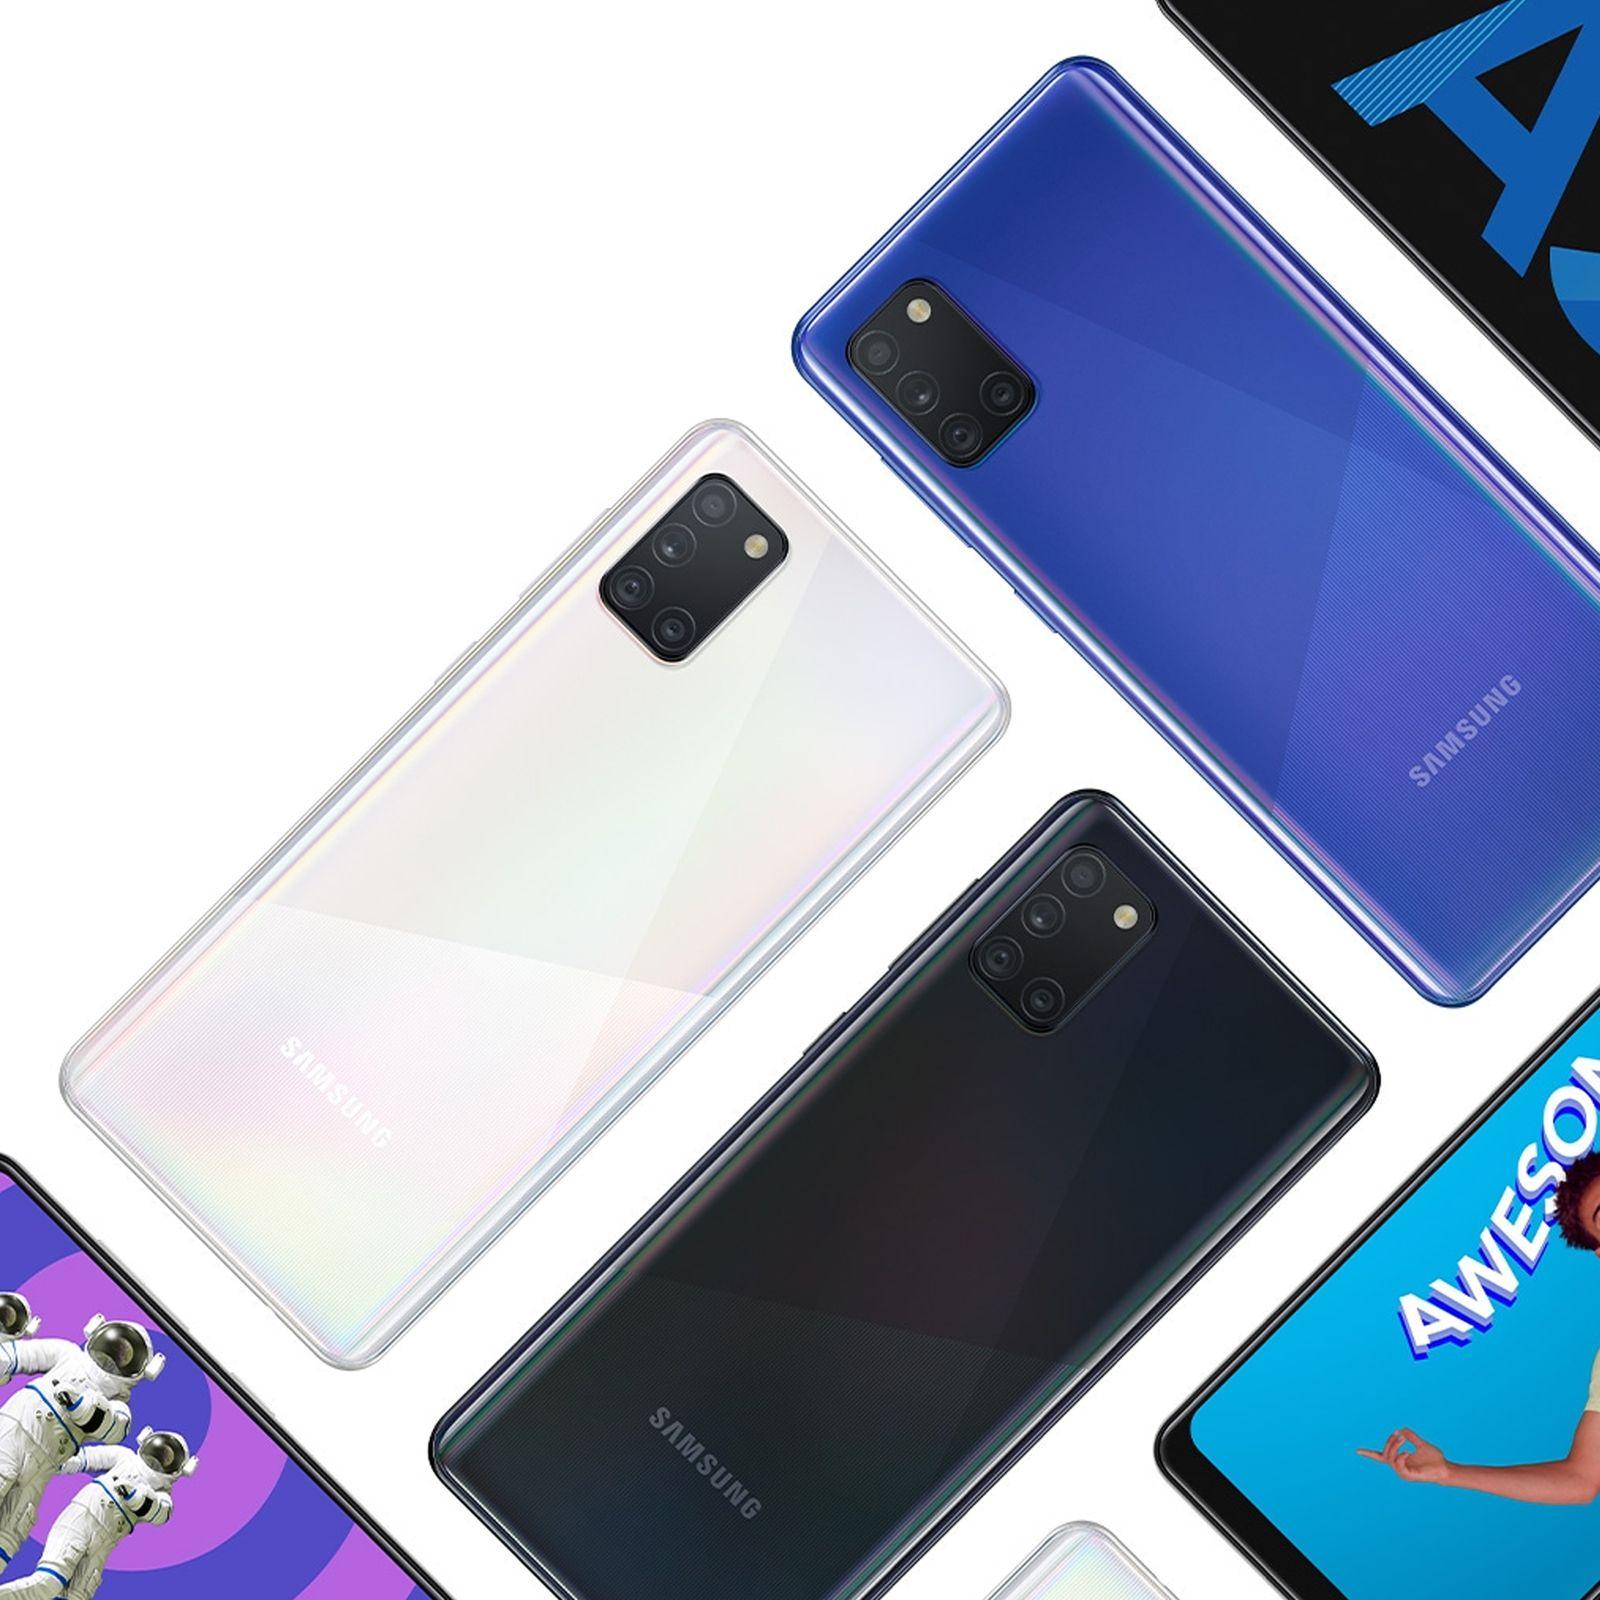 گوشی موبایل سامسونگ مدل Galaxy A31 SM-A315F/DS دو سیم کارت ظرفیت 128 گیگابایت main 1 9